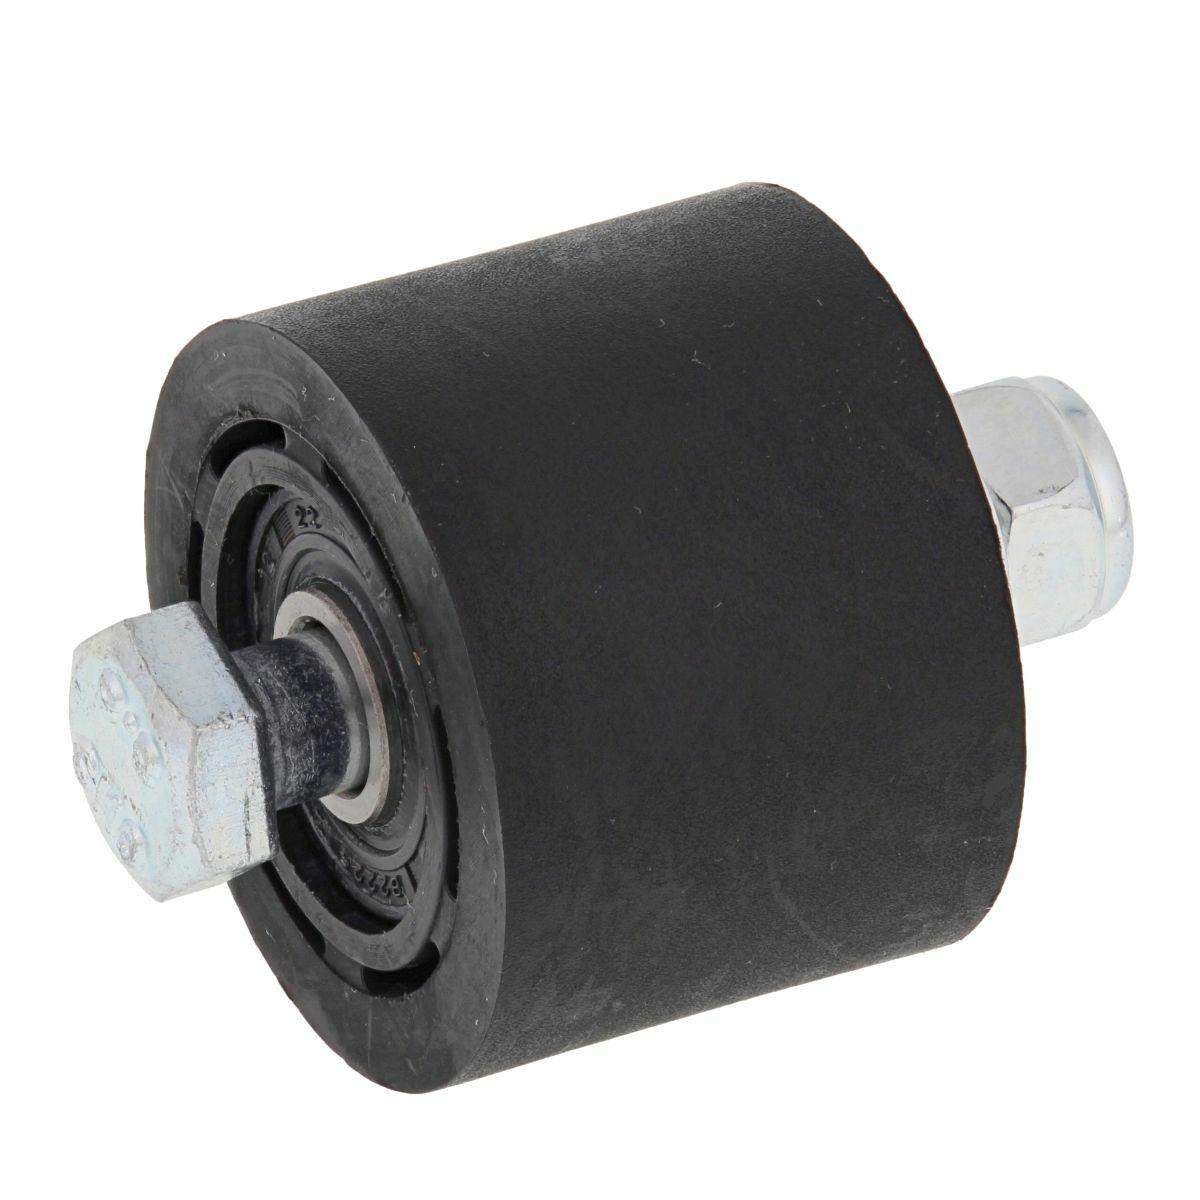 Obrázek produktu Kladka řetezu All Balls Racing 38mm černá 79-5002